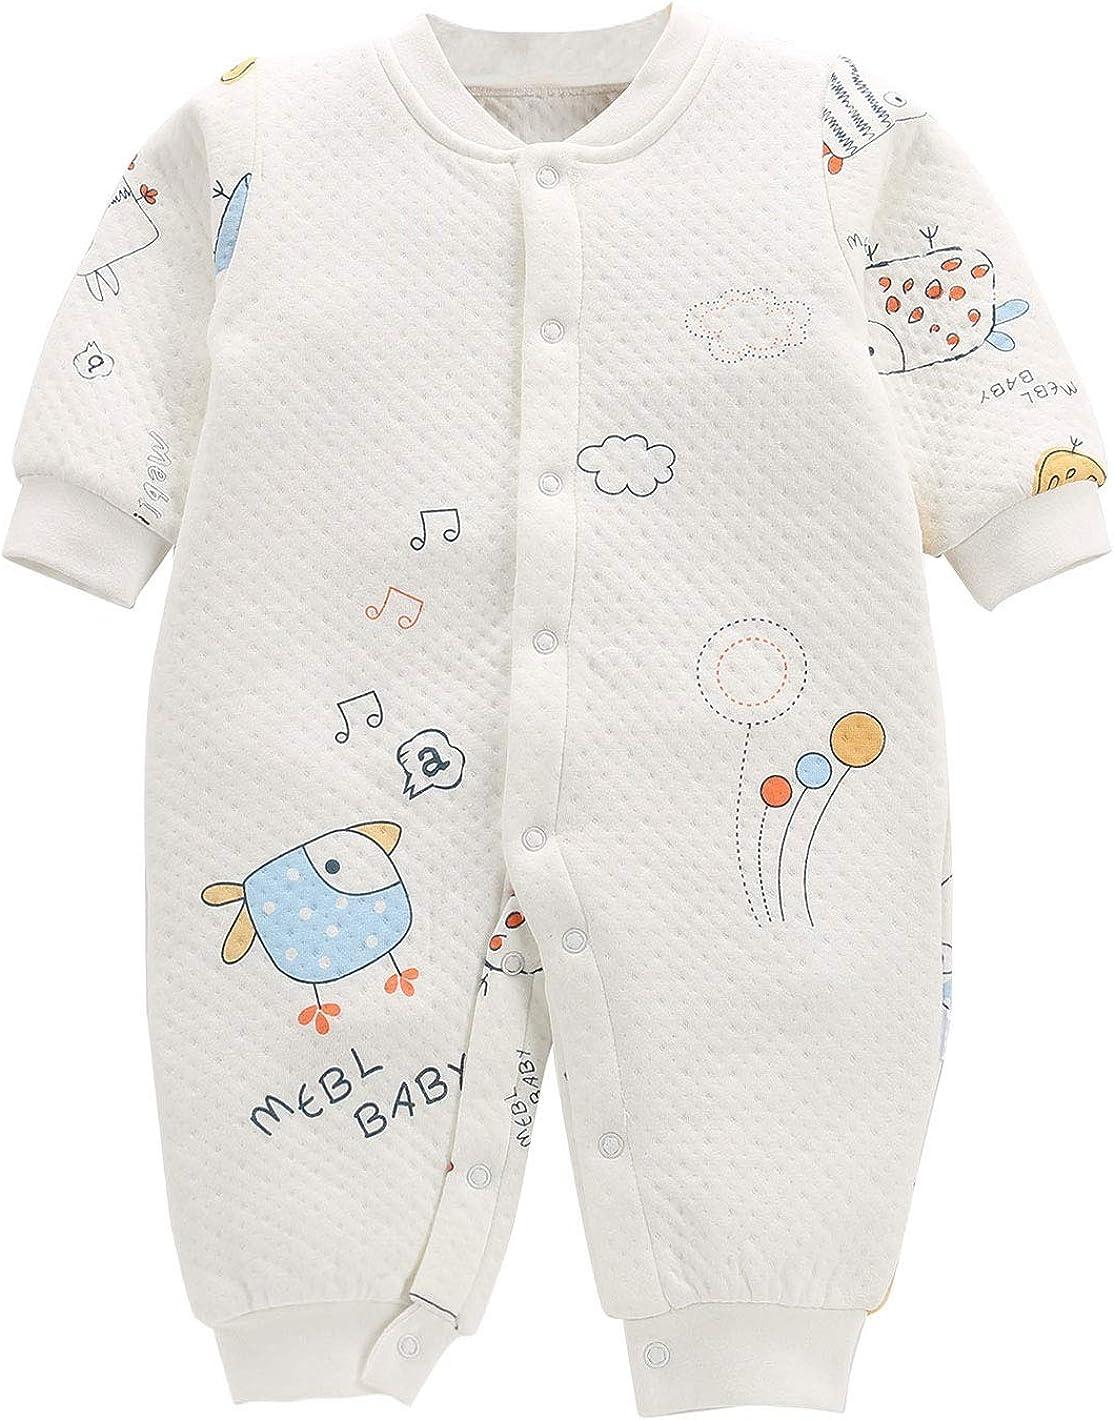 Happy Cherry - Bebés Algodón Saco de Dormir para Invierno de Cómodo con Mangas Largas Bolsa de Dormir Dibujos Animados para Bebé Recién Nacidos de 0-12 Meses